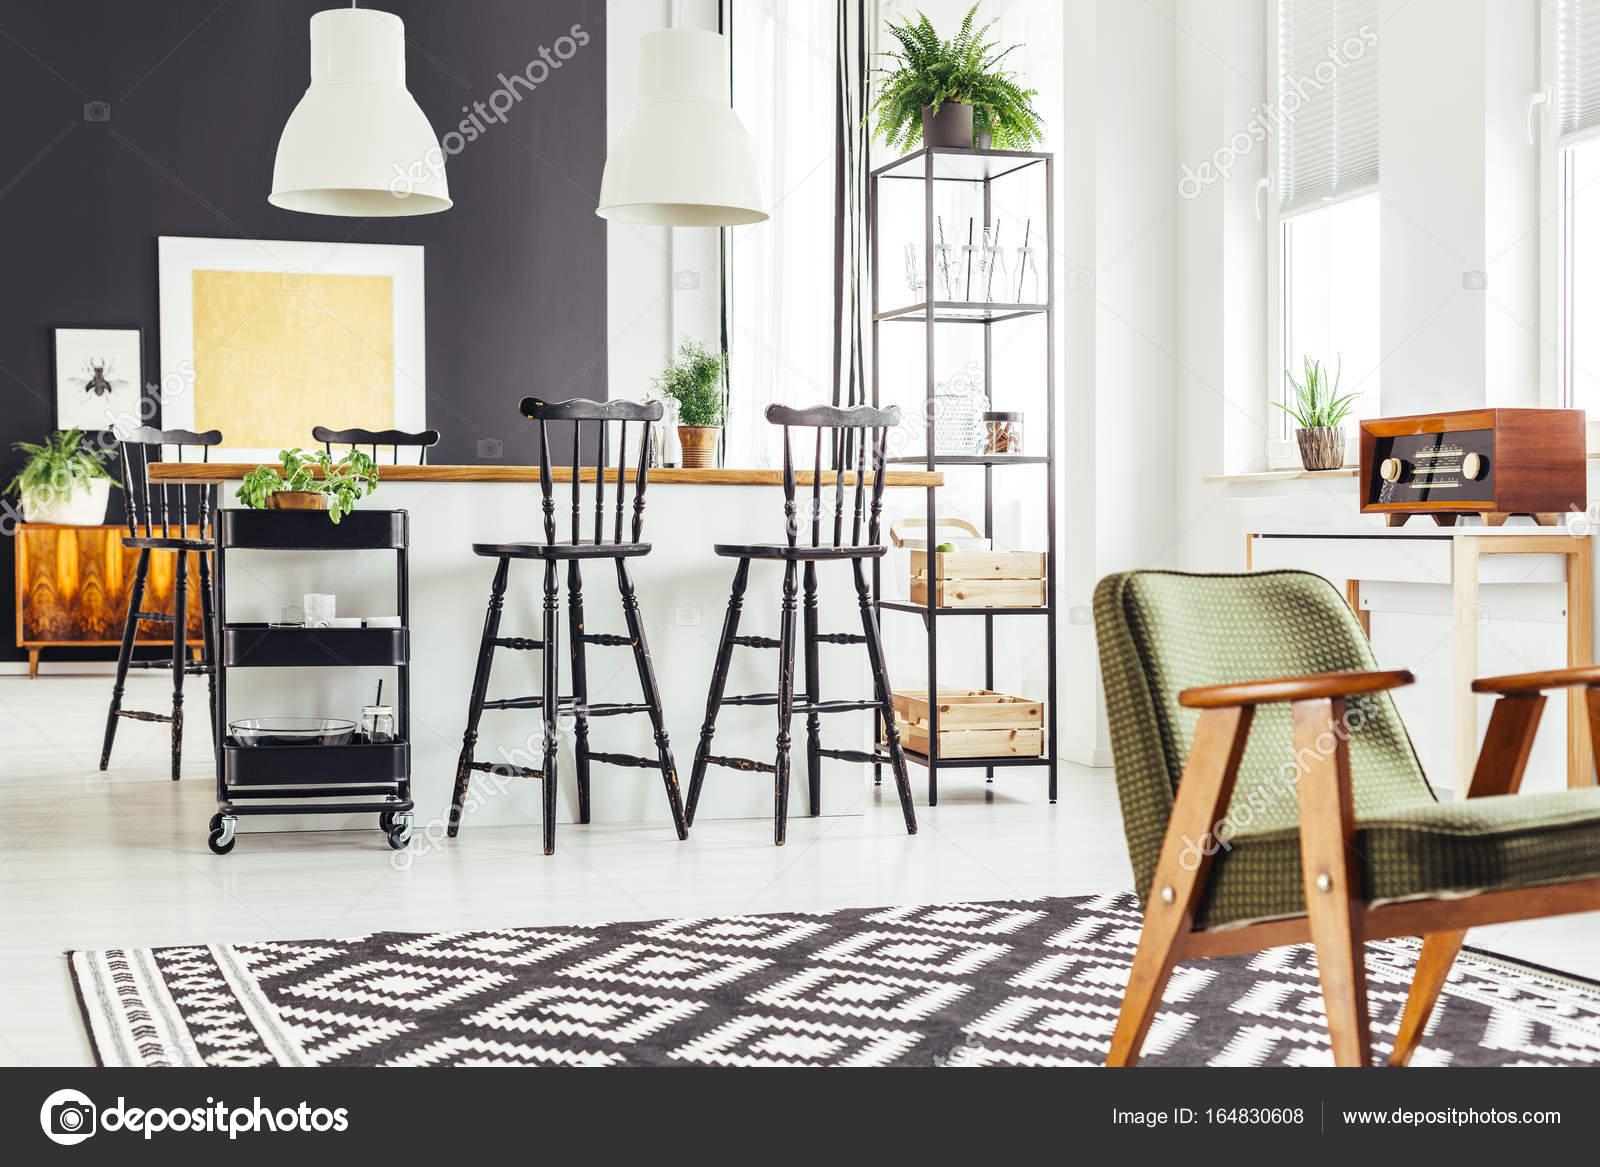 Cucina con rustico sedia verde u foto stock photographee eu